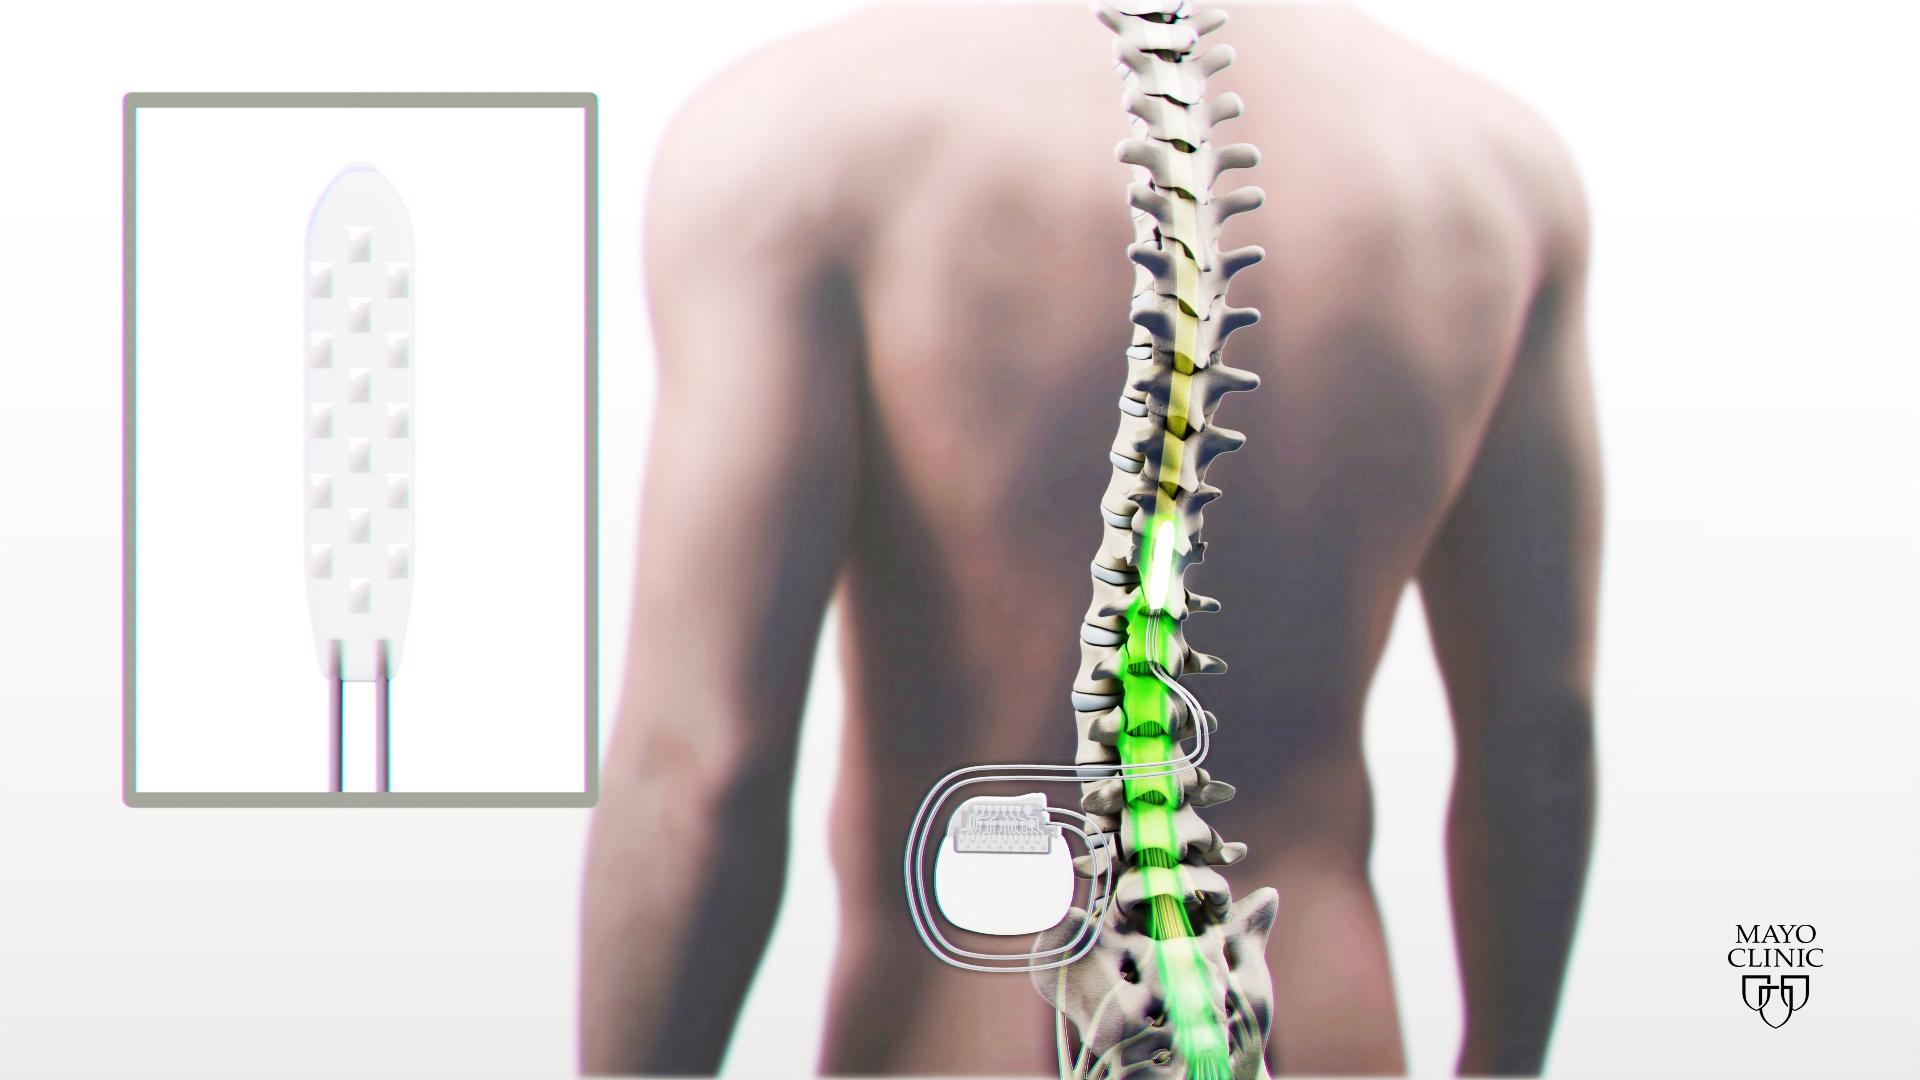 medical illustration of spinal stimulation device